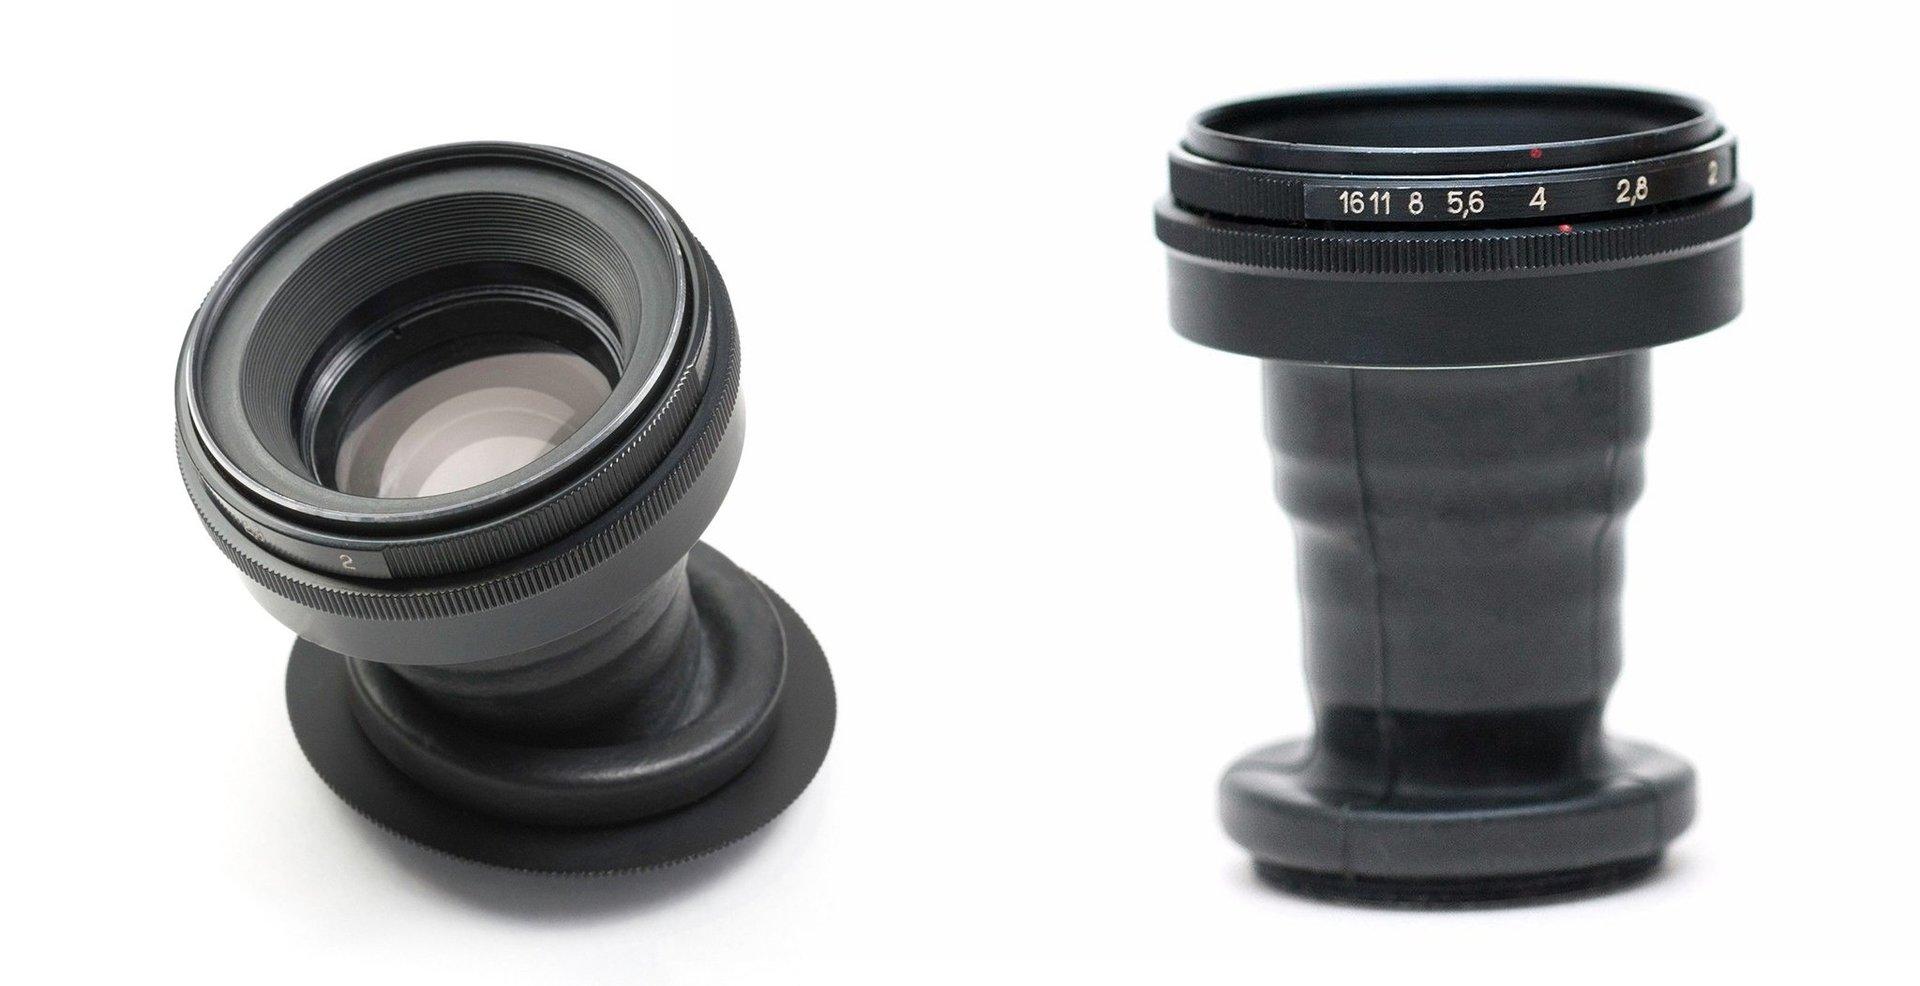 Vượt qua giới hạn thiết bị - Phần 3: kỹ thuật Freelensing (Lens whacking)